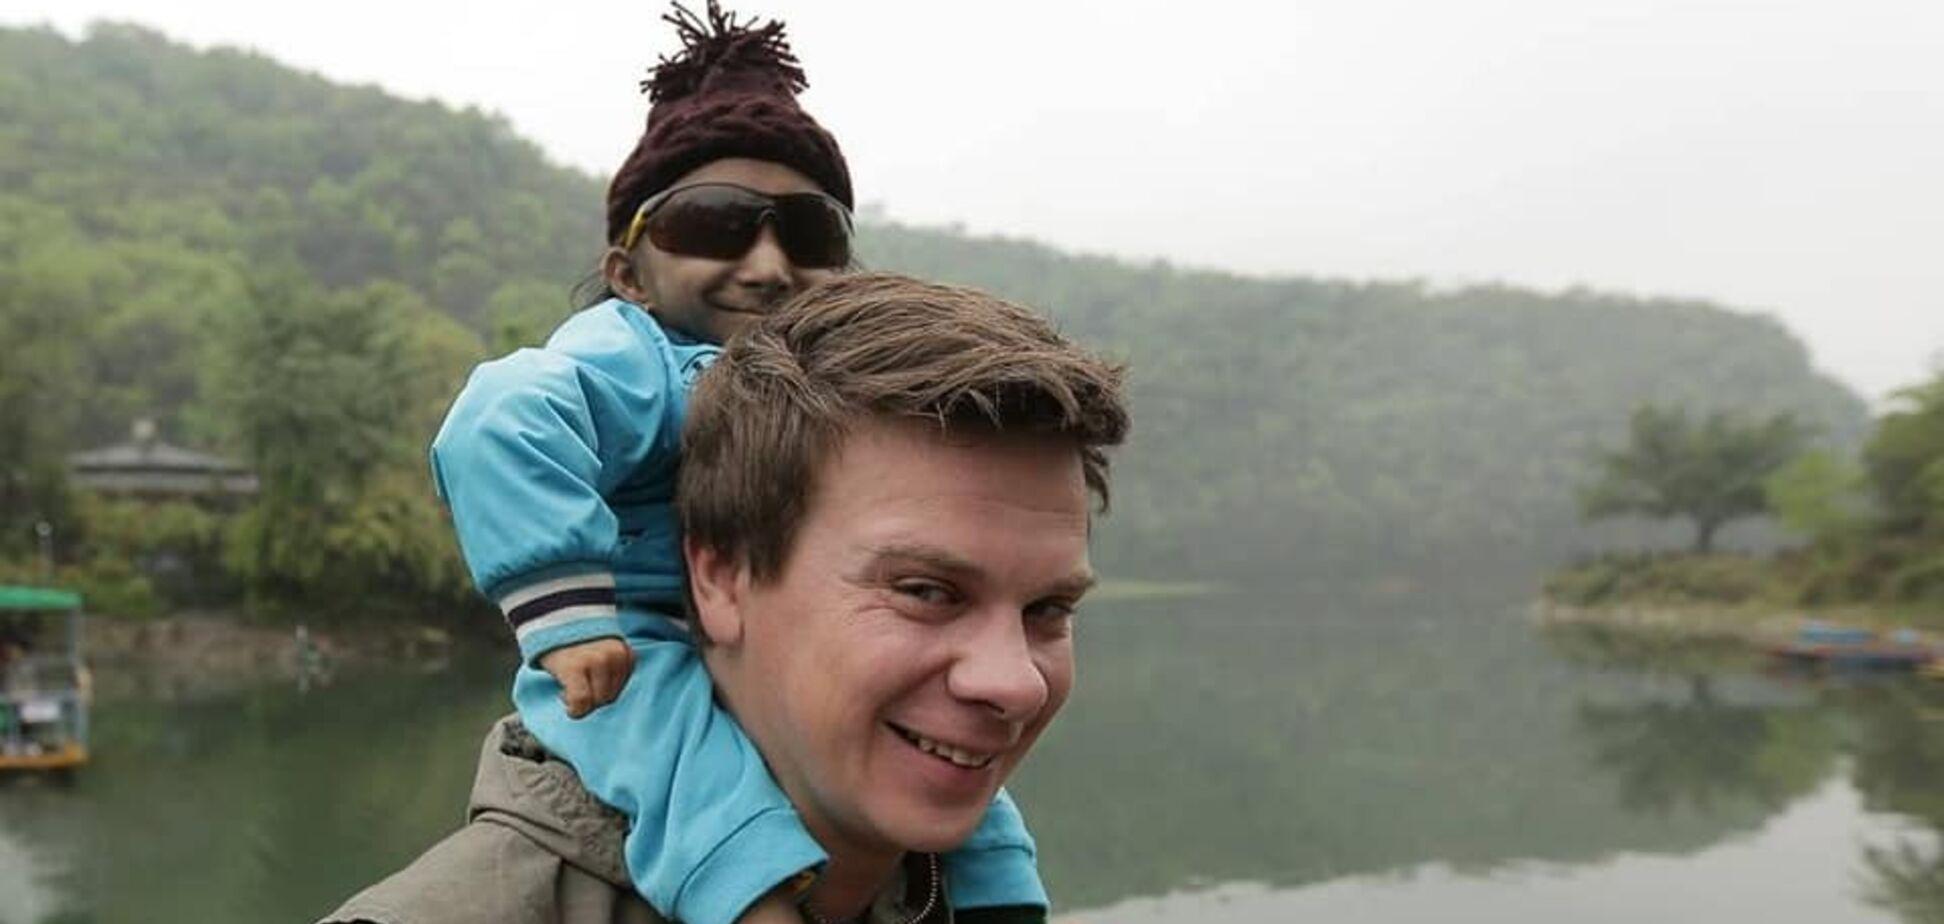 Умер самый маленький в мире человек: Комаров трогательно рассказал про 'Будду из Непала'. Видео